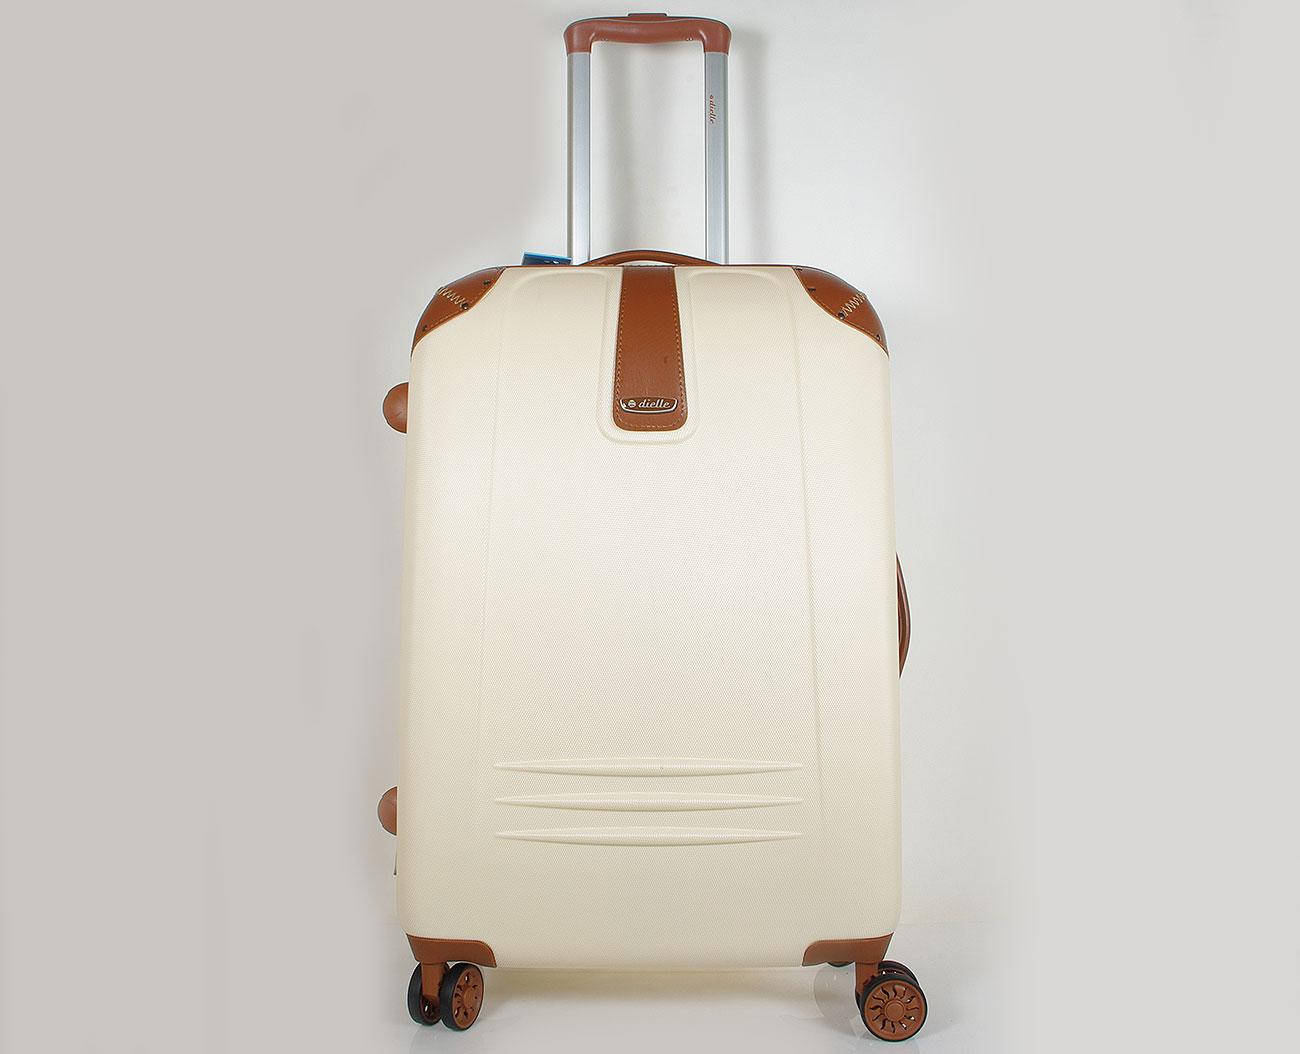 DIELLE 155 walizka panna medio trolley